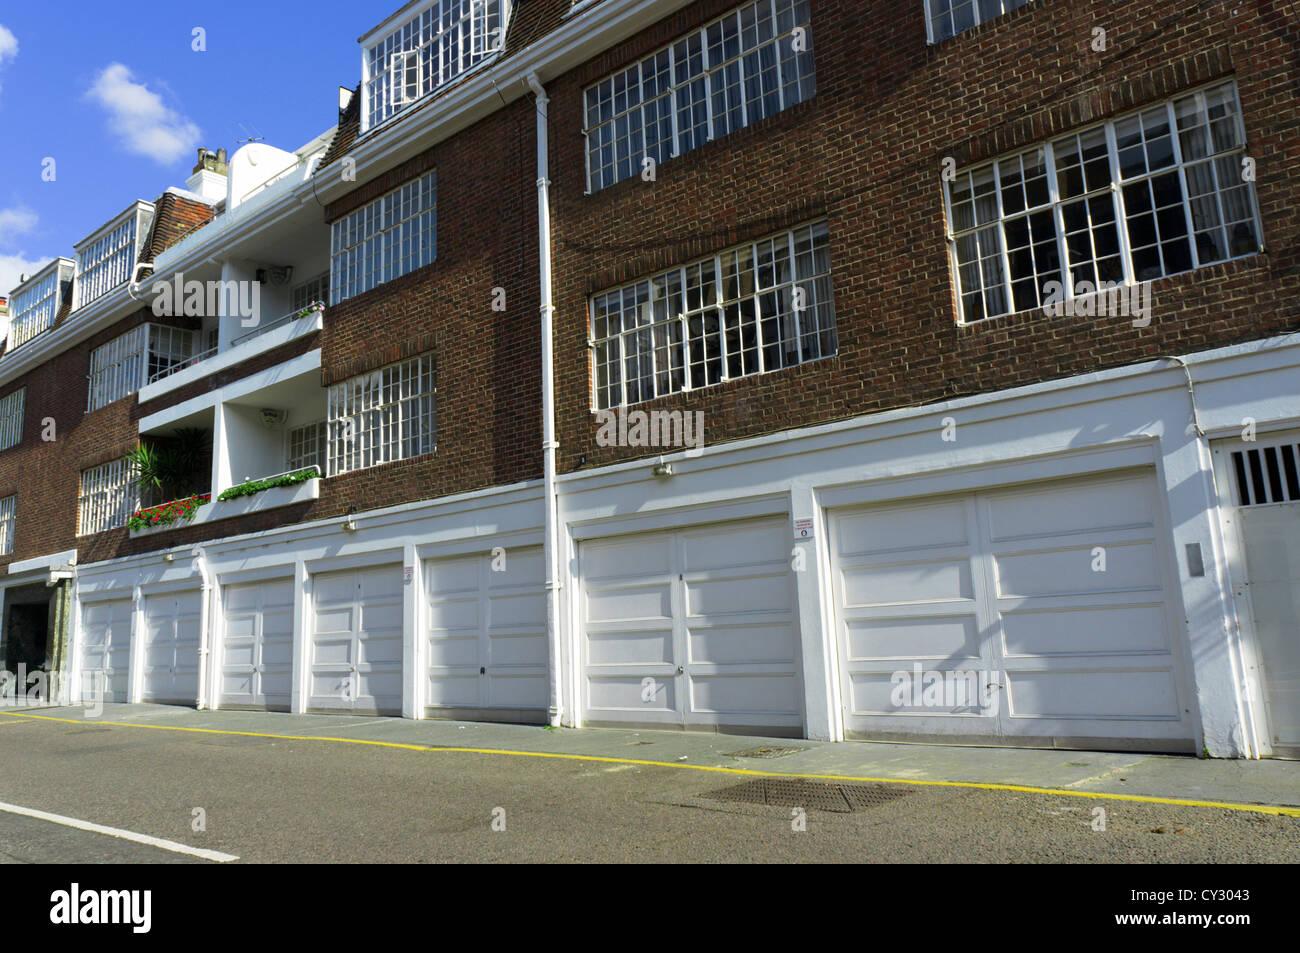 Casas con garajes integrados en el Cadogan Lane, Belgravia, en Londres. Imagen De Stock